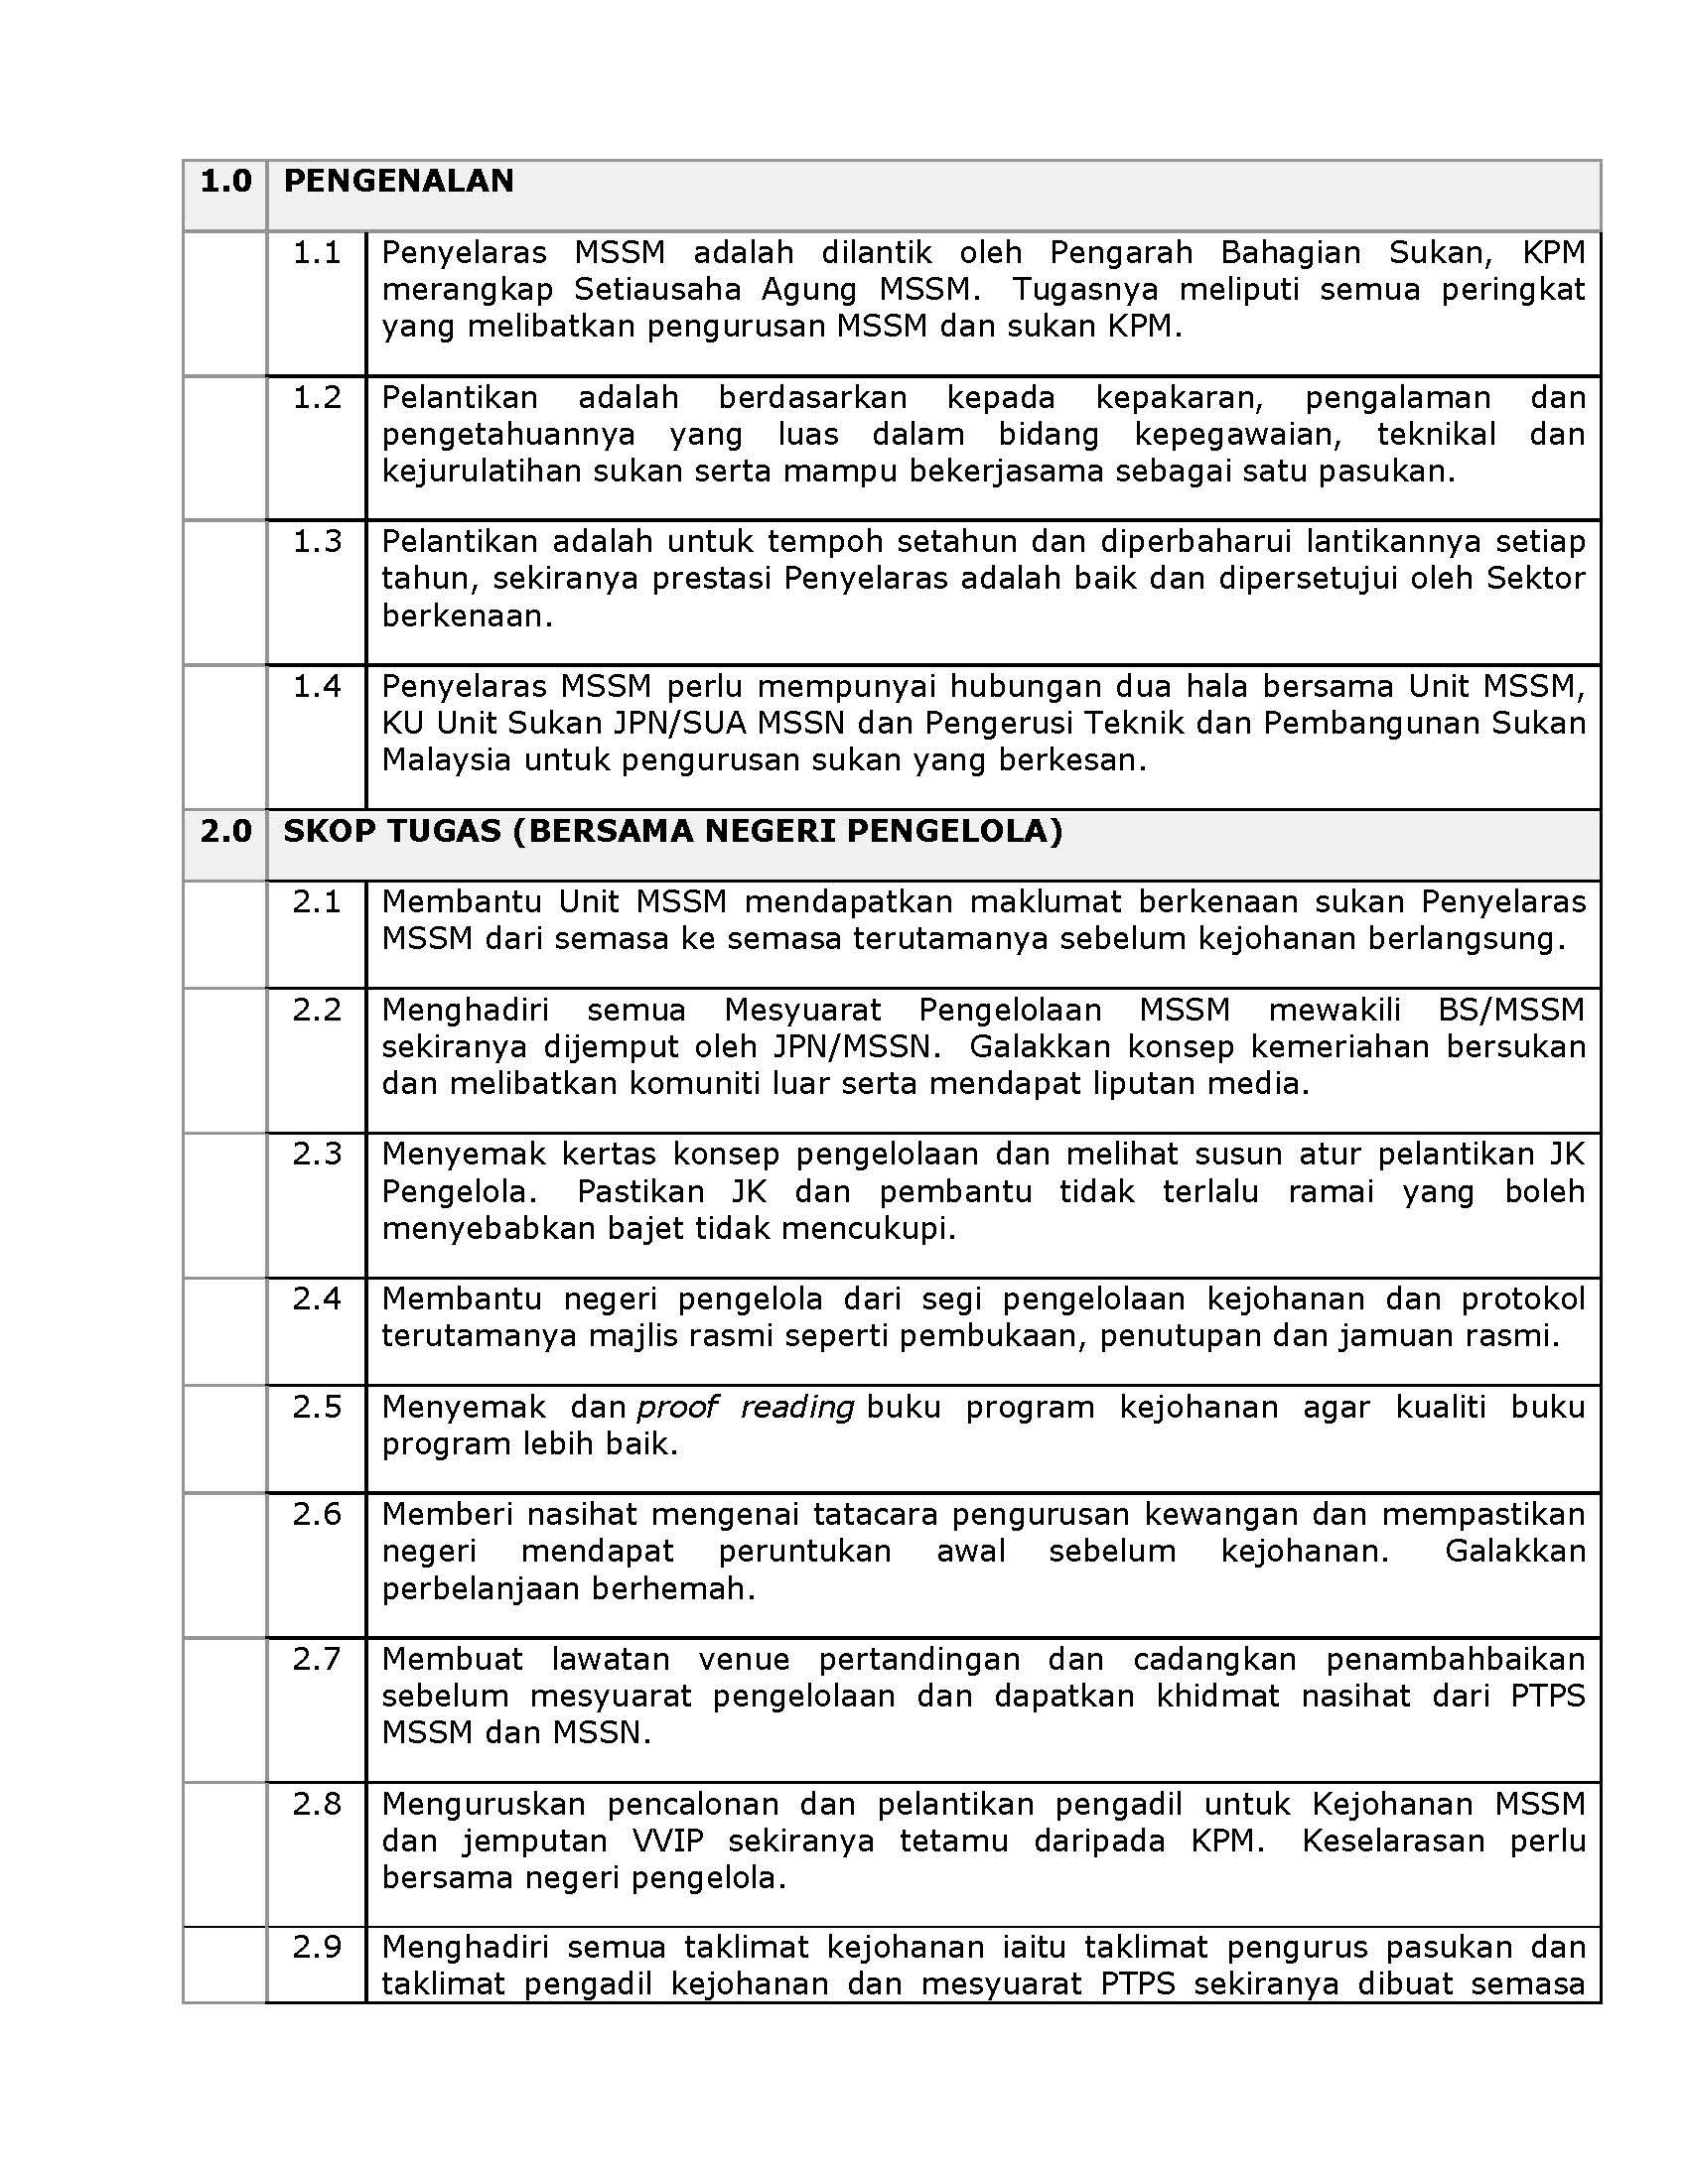 TUGAS DAN TANGGUNGJAWAB PENYELARAS MSSM_Page_1